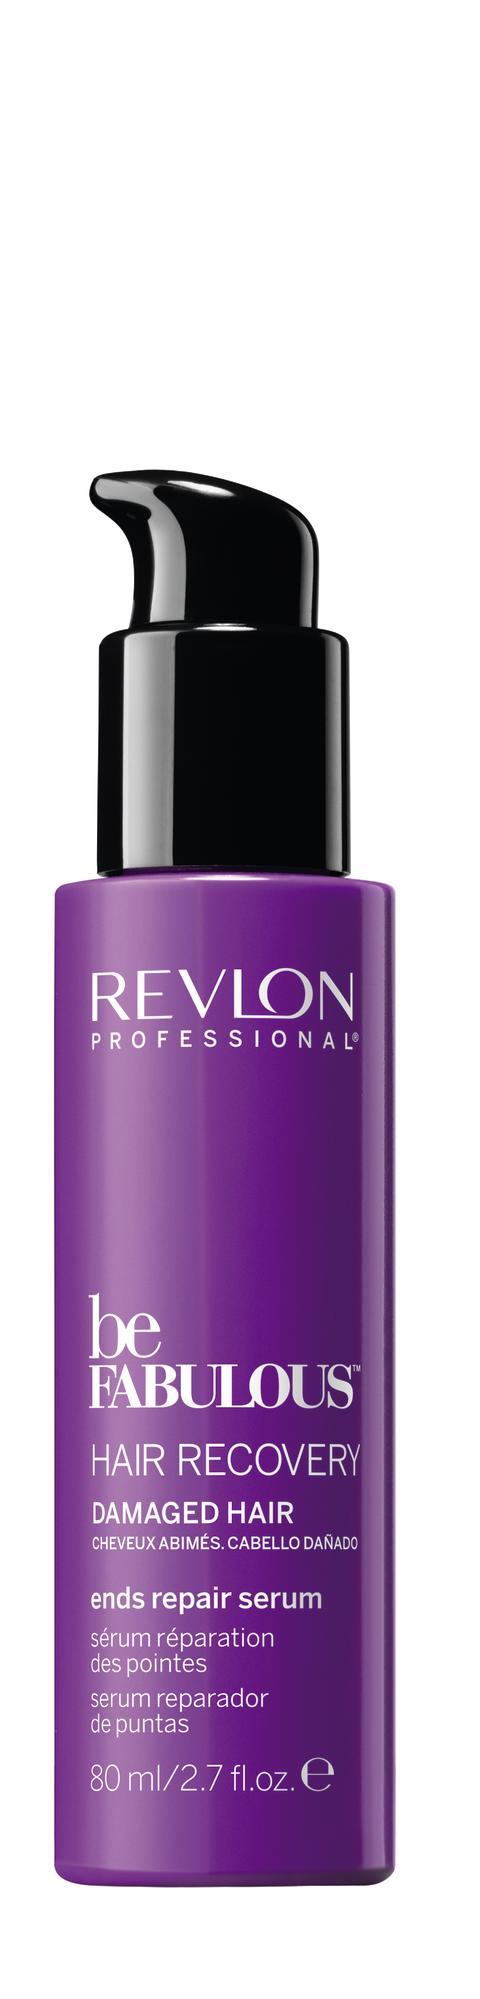 Revlon - Be Fabulous - Damaged Hair - Serum